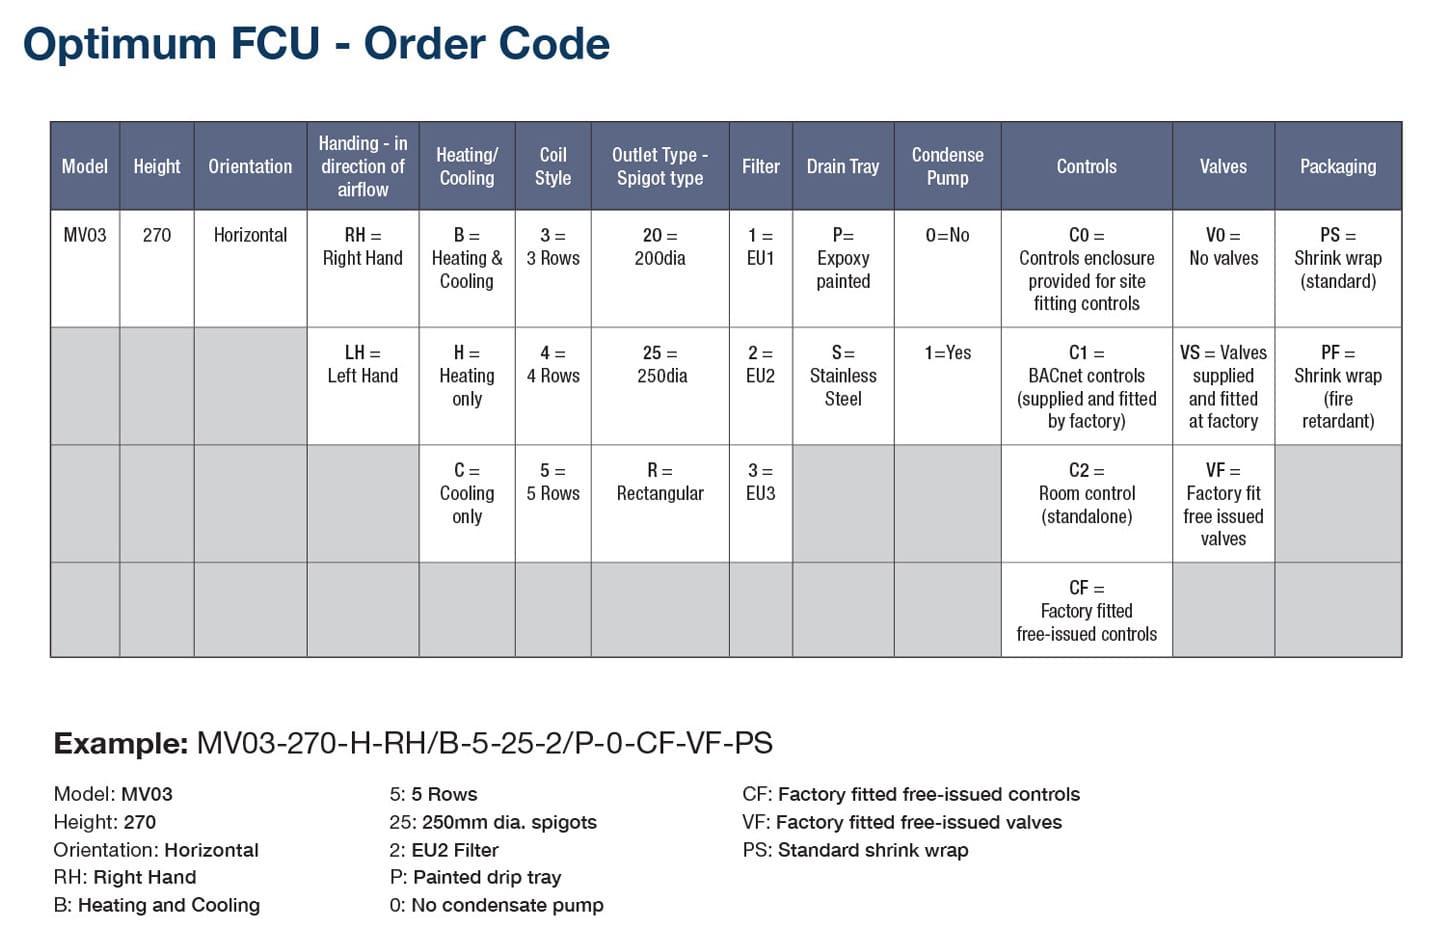 Order Code Optimum FCU Q-nis